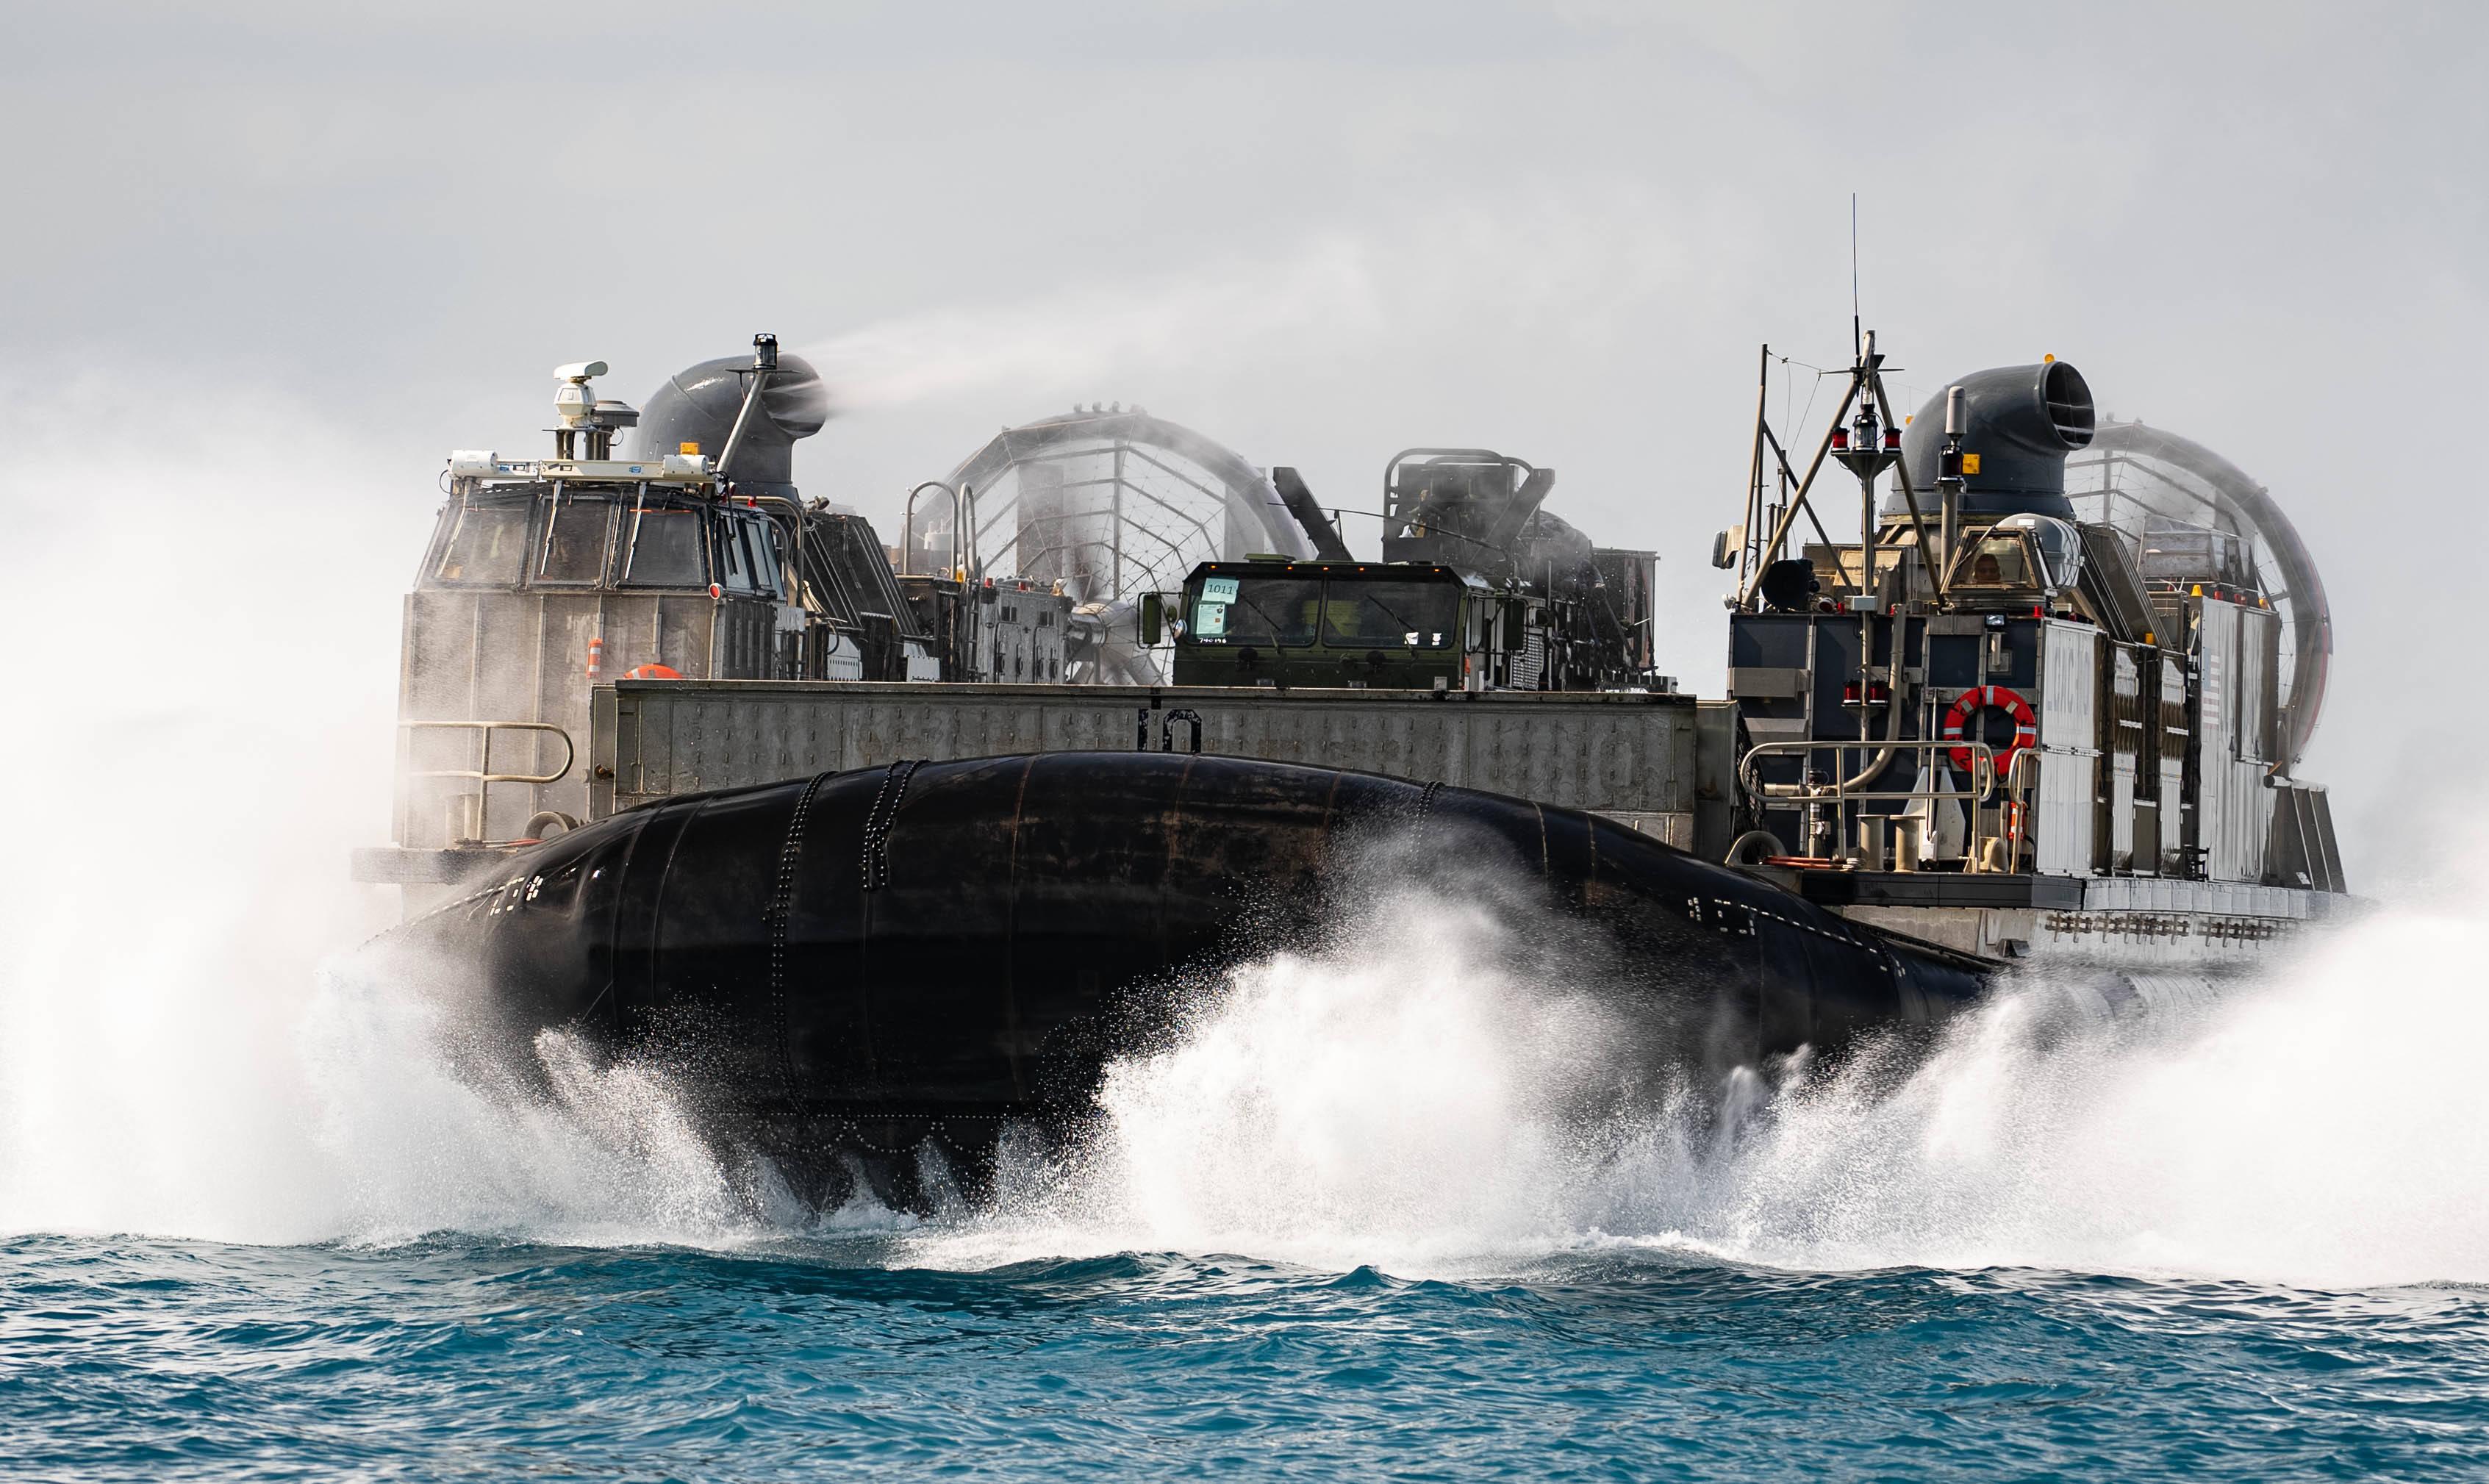 美国气垫登陆艇LCAC和俄罗斯的欧洲野牛登陆艇差距多大?